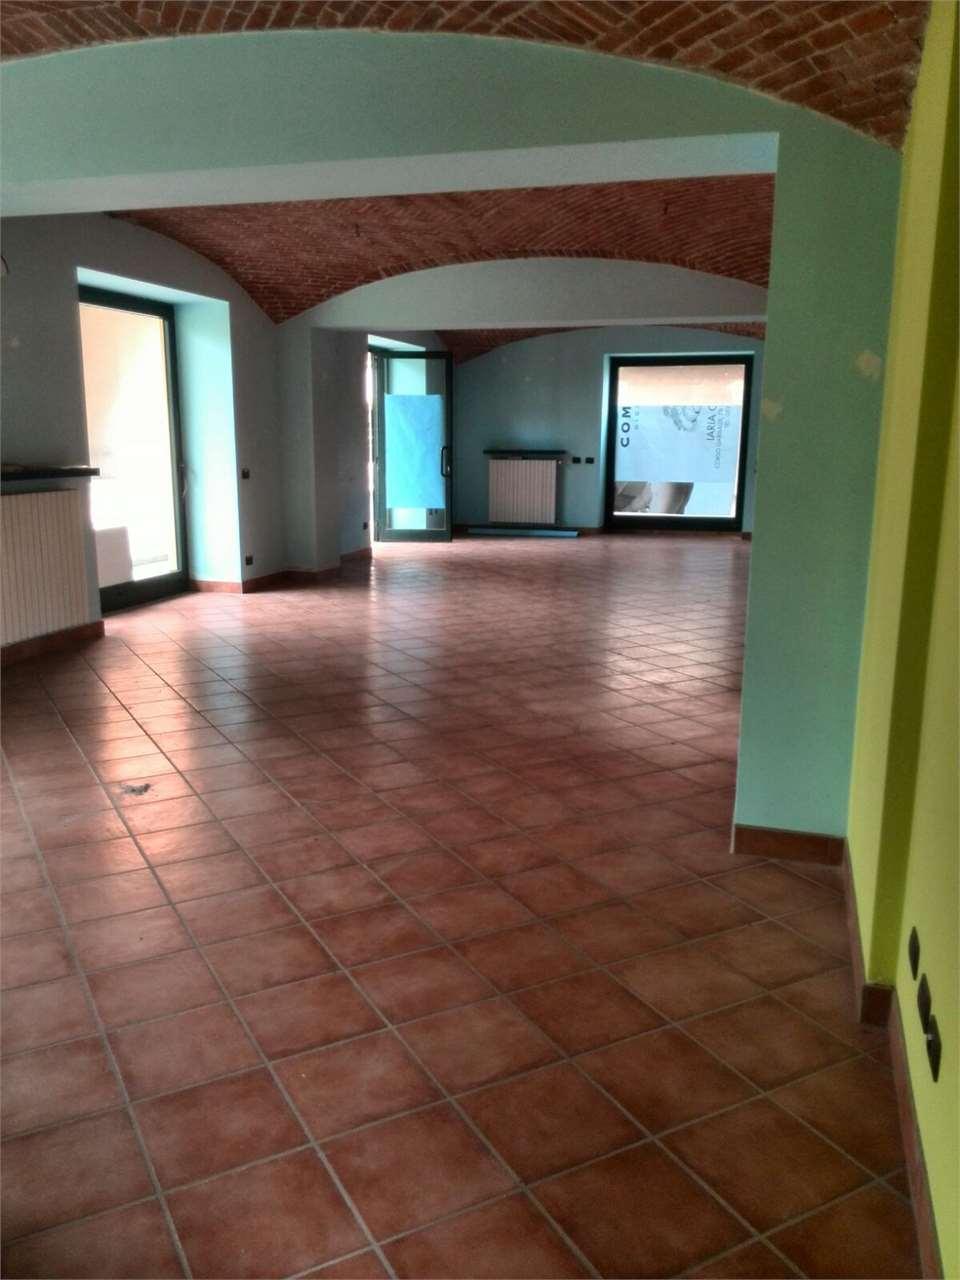 Negozio / Locale in affitto a Borgomanero, 1 locali, prezzo € 450 | CambioCasa.it